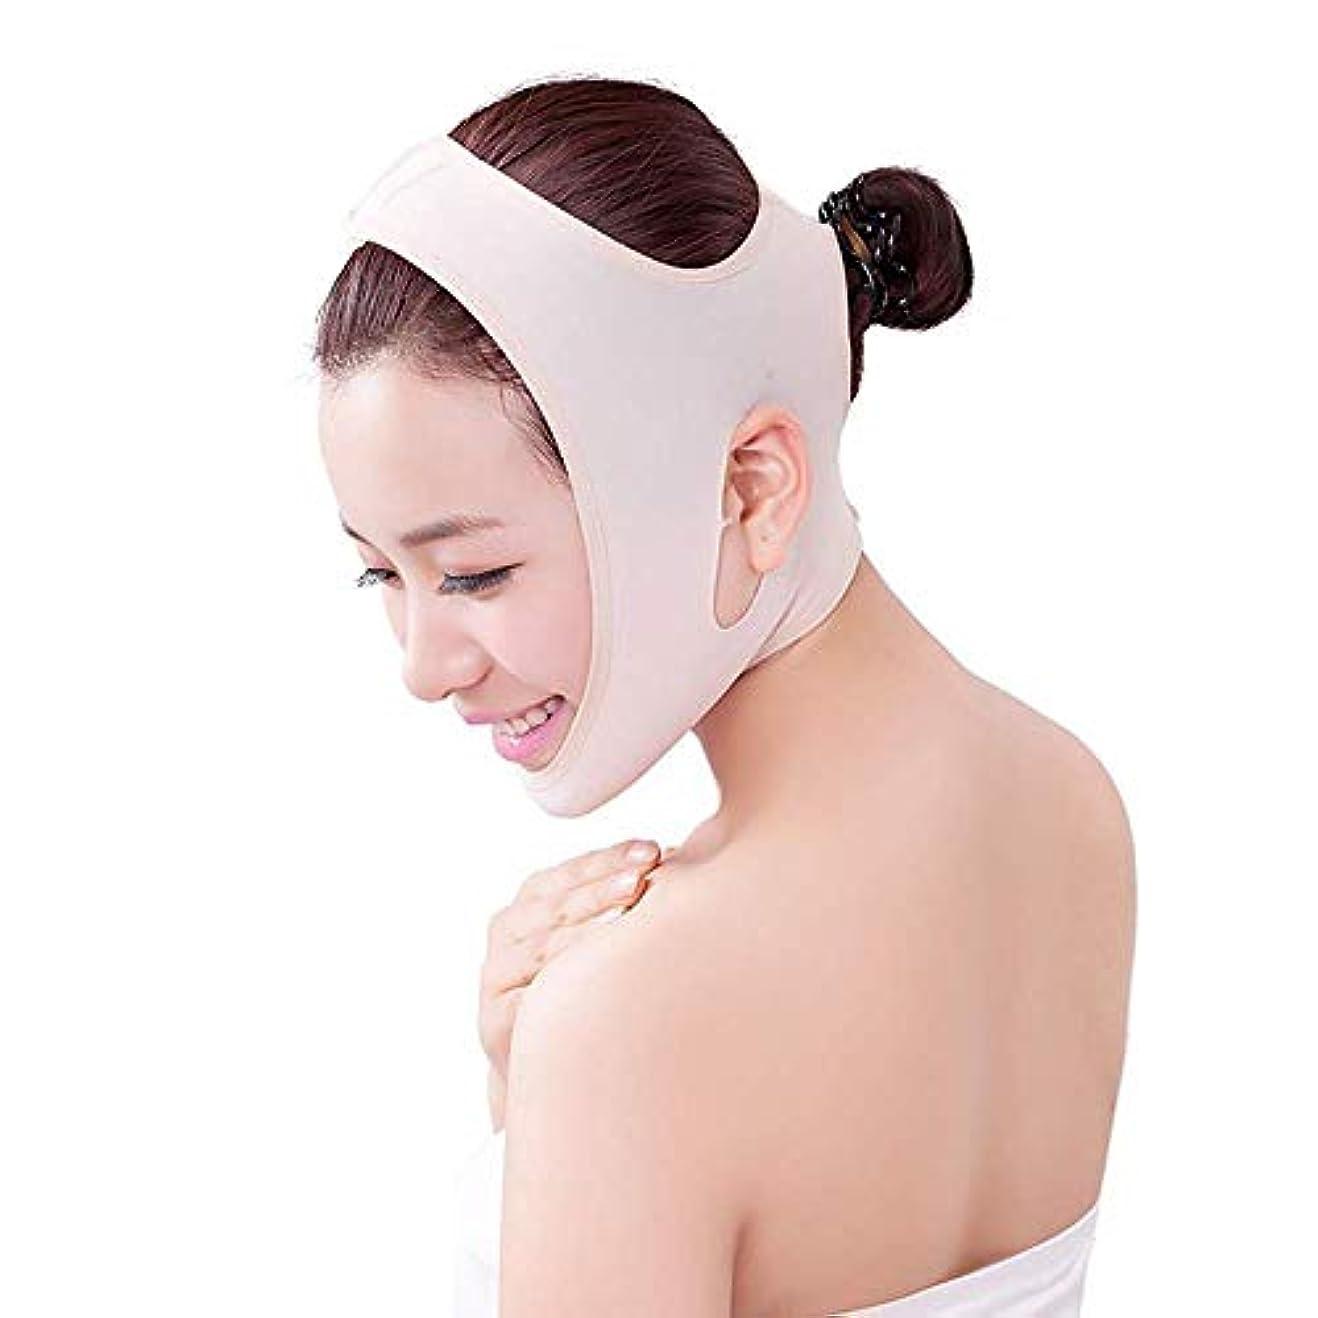 機関車発揮するテレックス薄型フェイスベルト - 男性用および女性用の包帯をフランスの顔用リフティングマスク器具に引き締める薄型フェイスVフェイス薄型ダブルチンフェイスリフティングベルト(サイズ:M),S